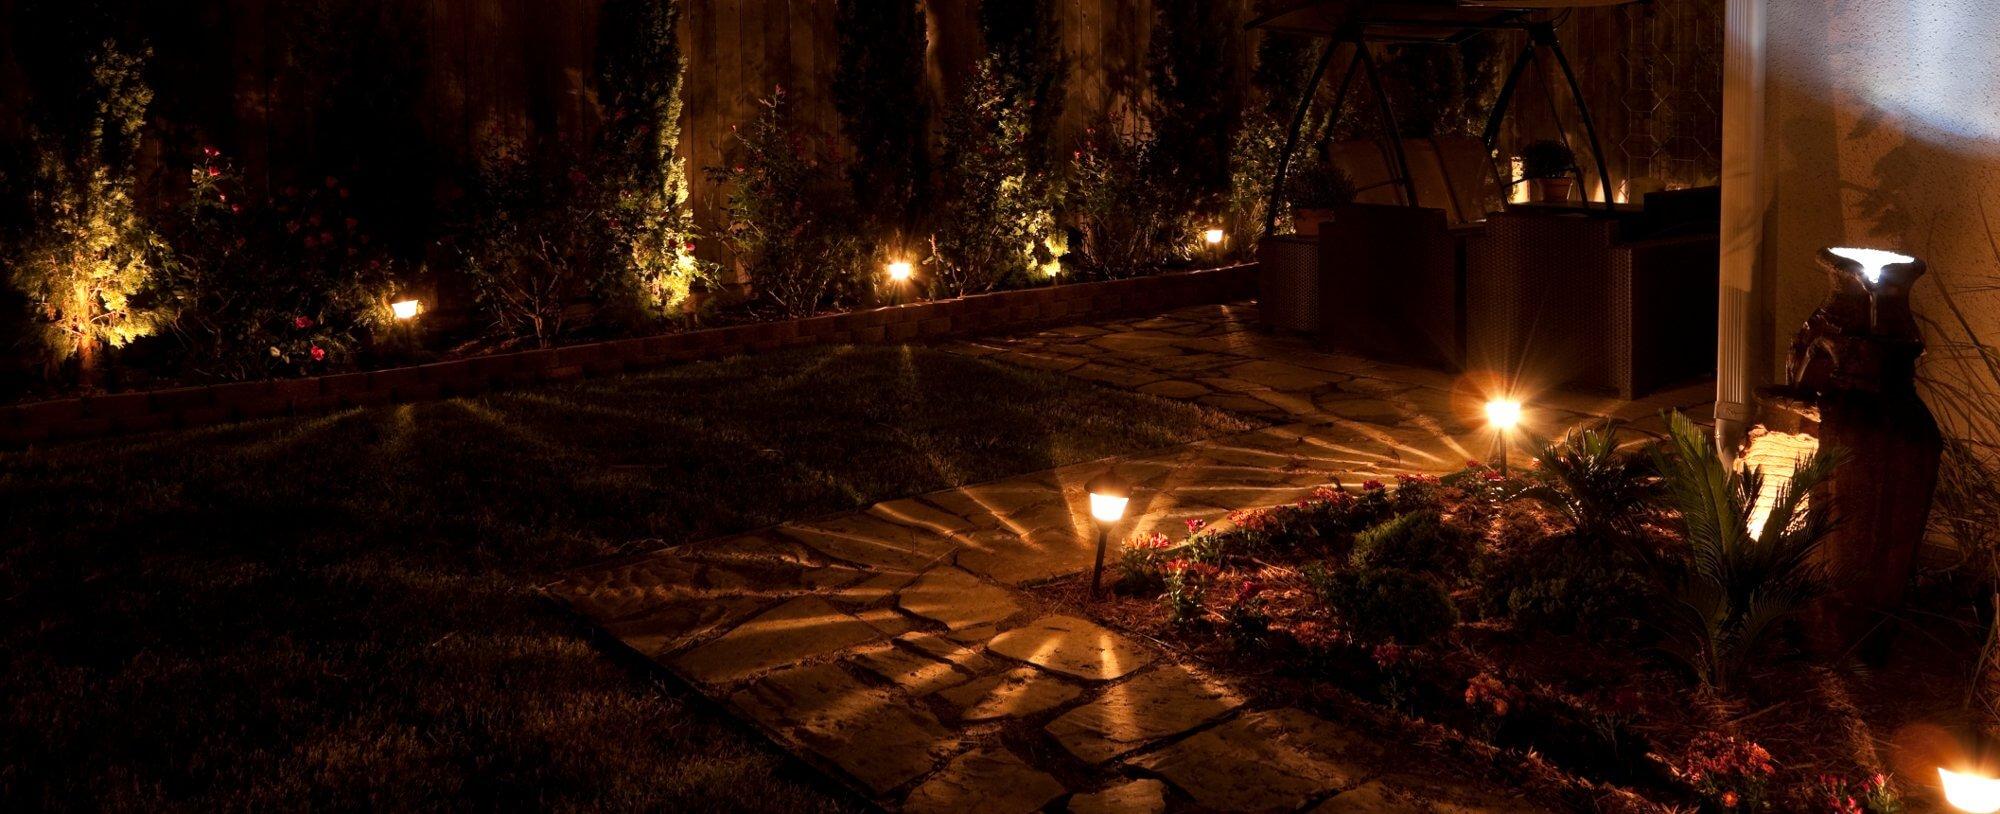 Gartenlampen: Setzen Sie Akzente im Garten